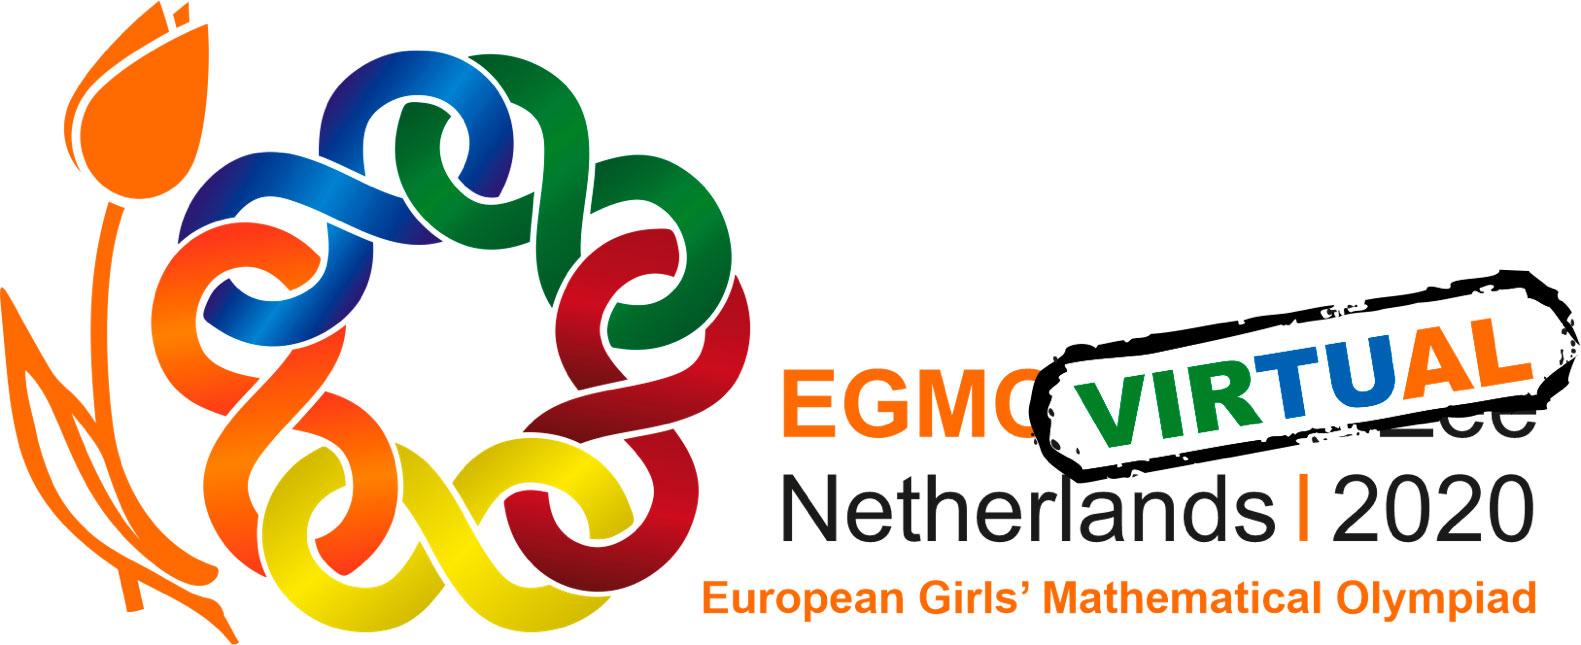 Məktəbli qızlarımız Beynəlxalq Avropa Qızlar Riyaziyyat Olimpiadasında